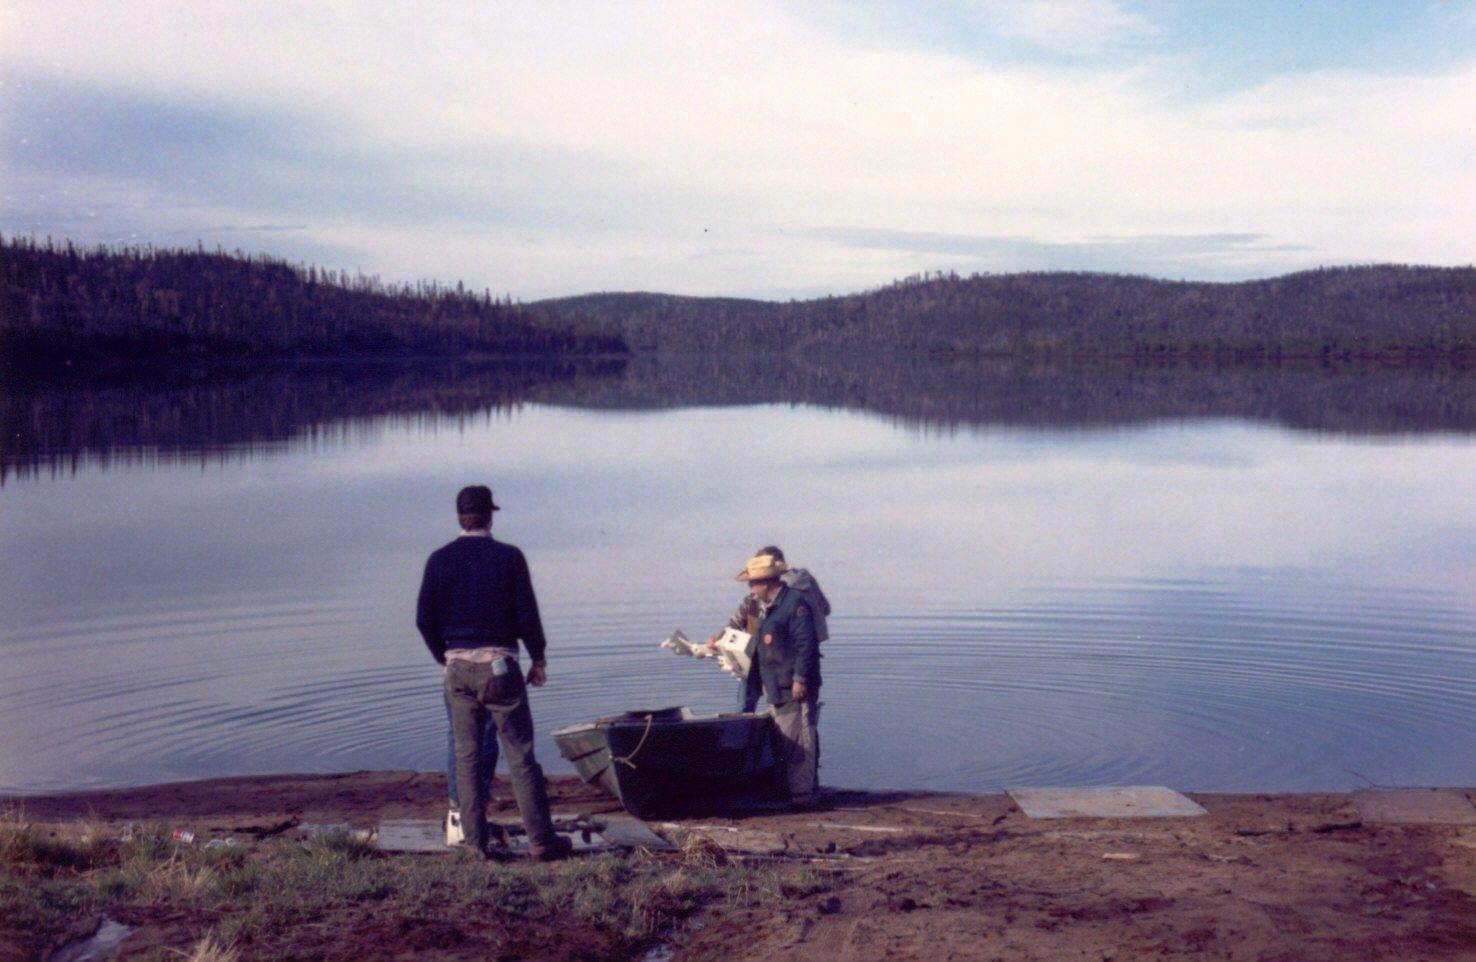 Actionshotsnh canadian fishing trip 1 for Canadian fishing trips